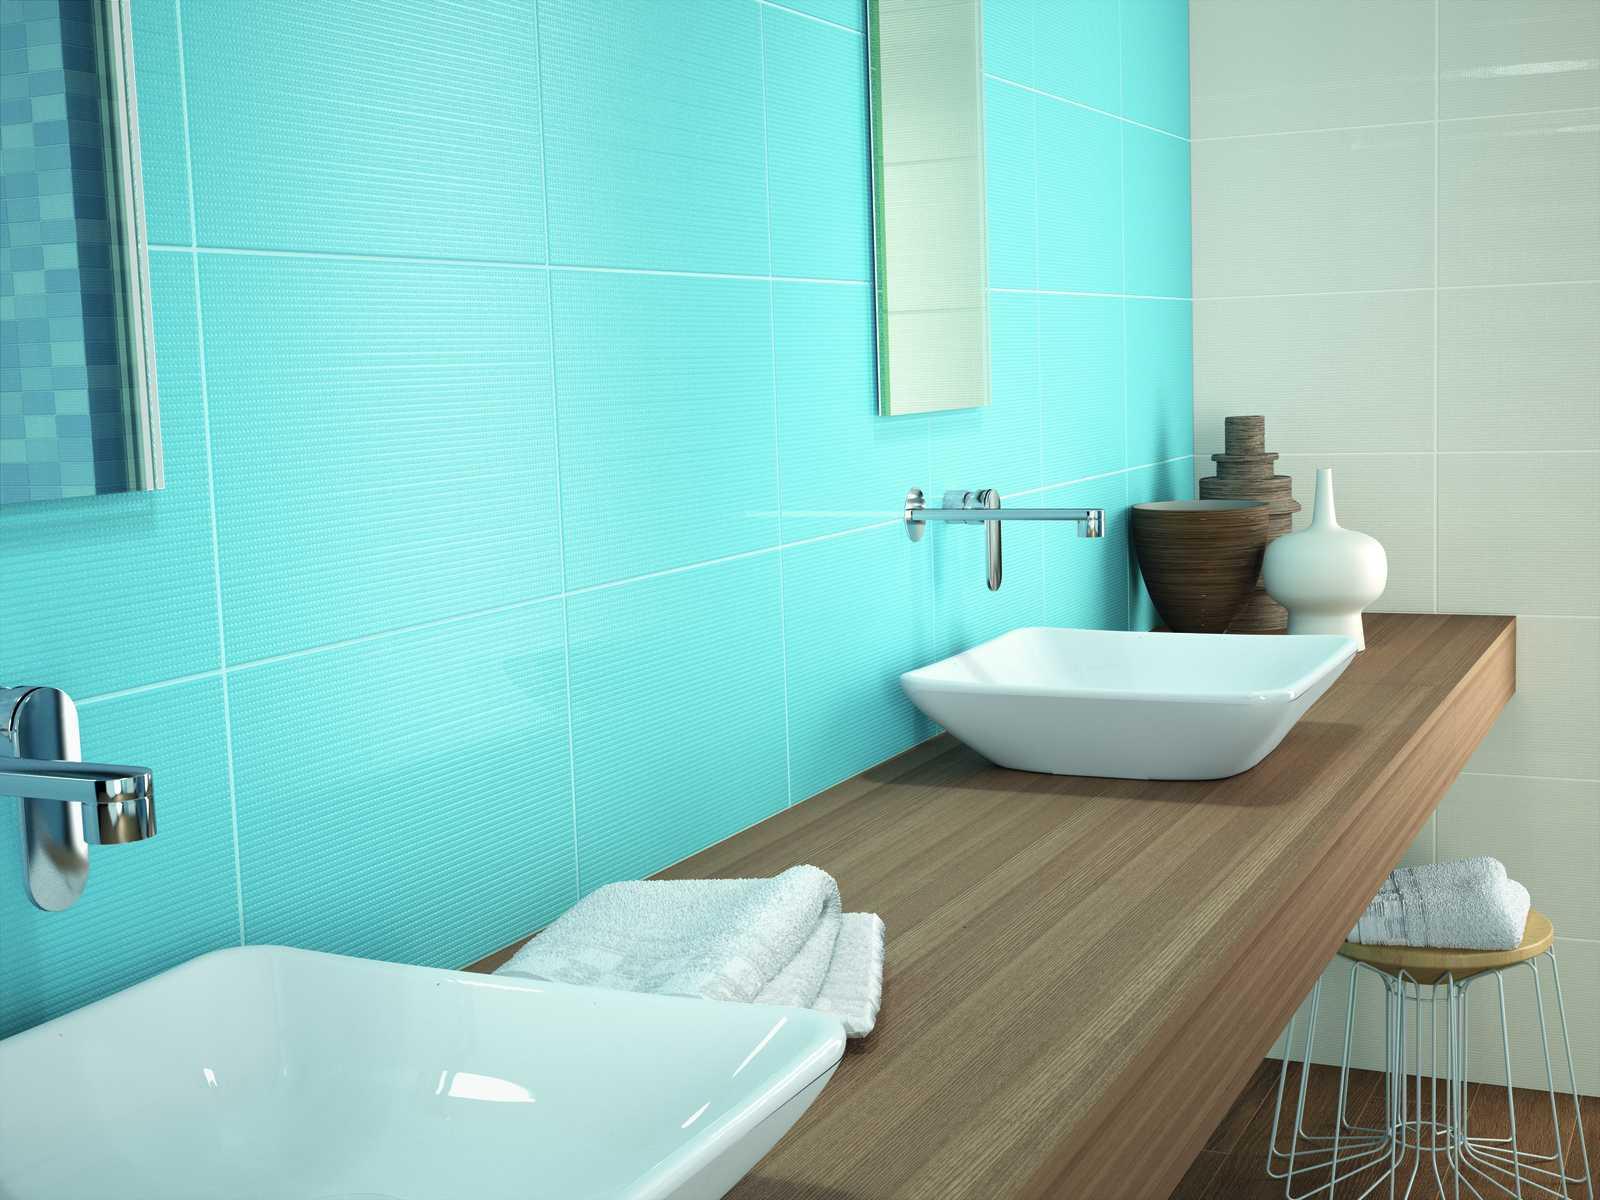 Piastrelle azzurre bagno oy79 regardsdefemmes - Mattonelle bagno marazzi ...